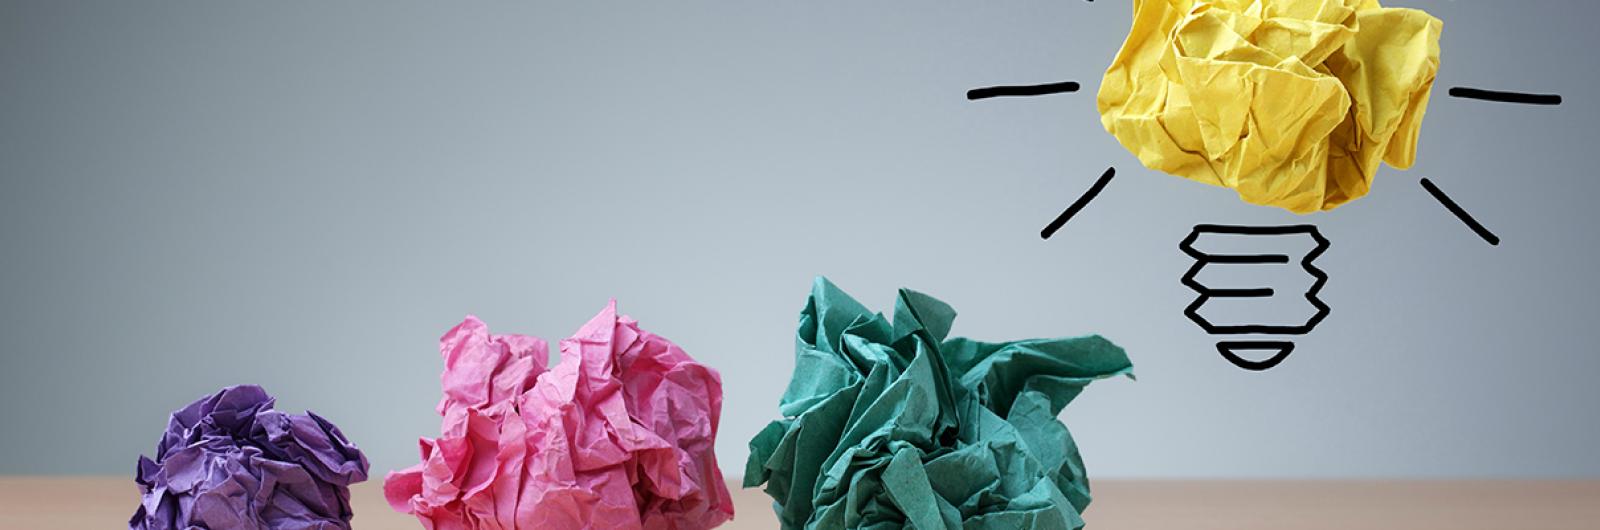 Quer abrir um negócio em franchising? Estas são as tendências que deve seguir